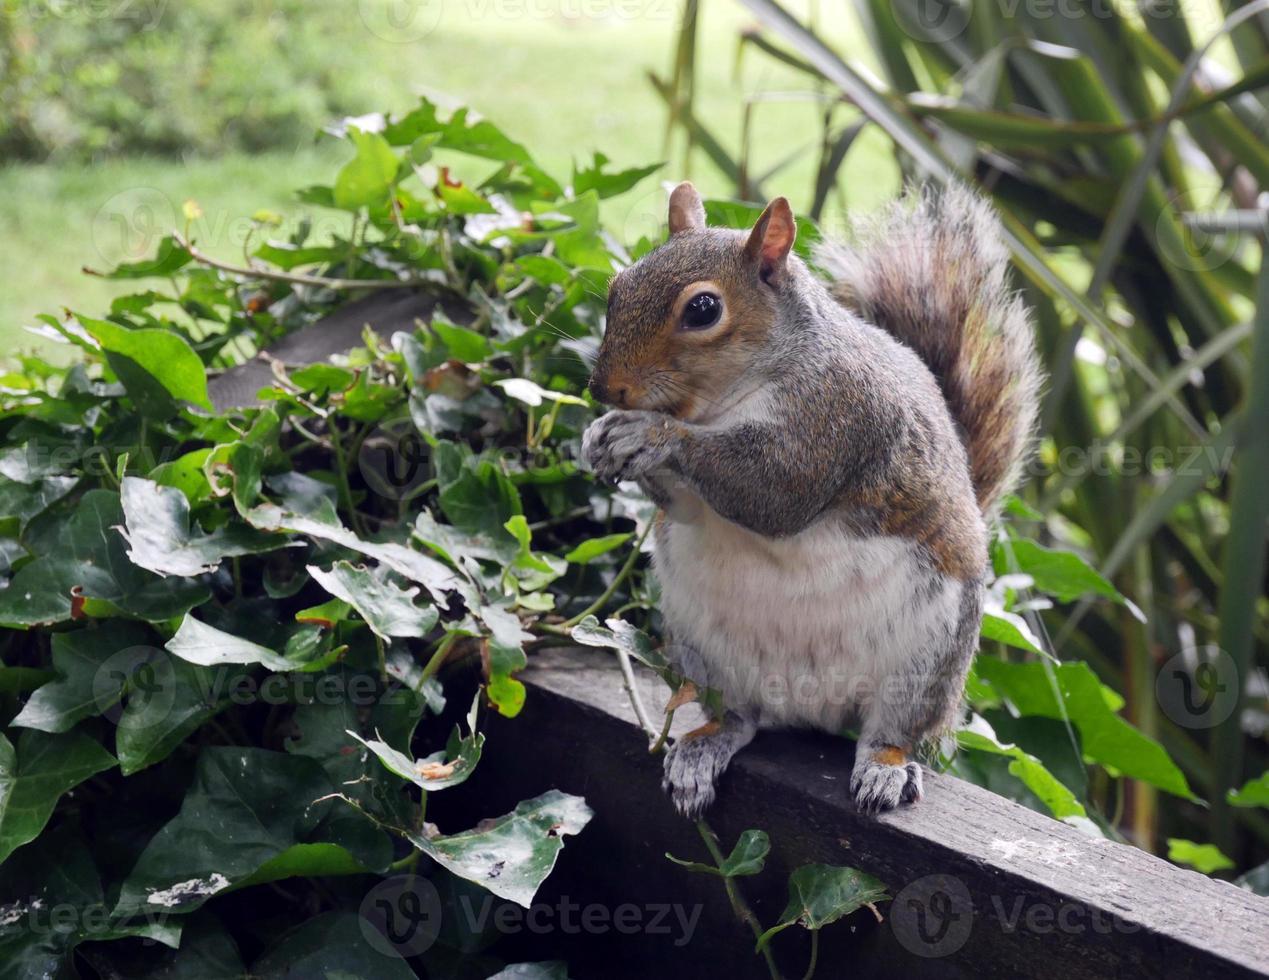 tamme eekhoorn die noten eet, cambridgeshire uk foto